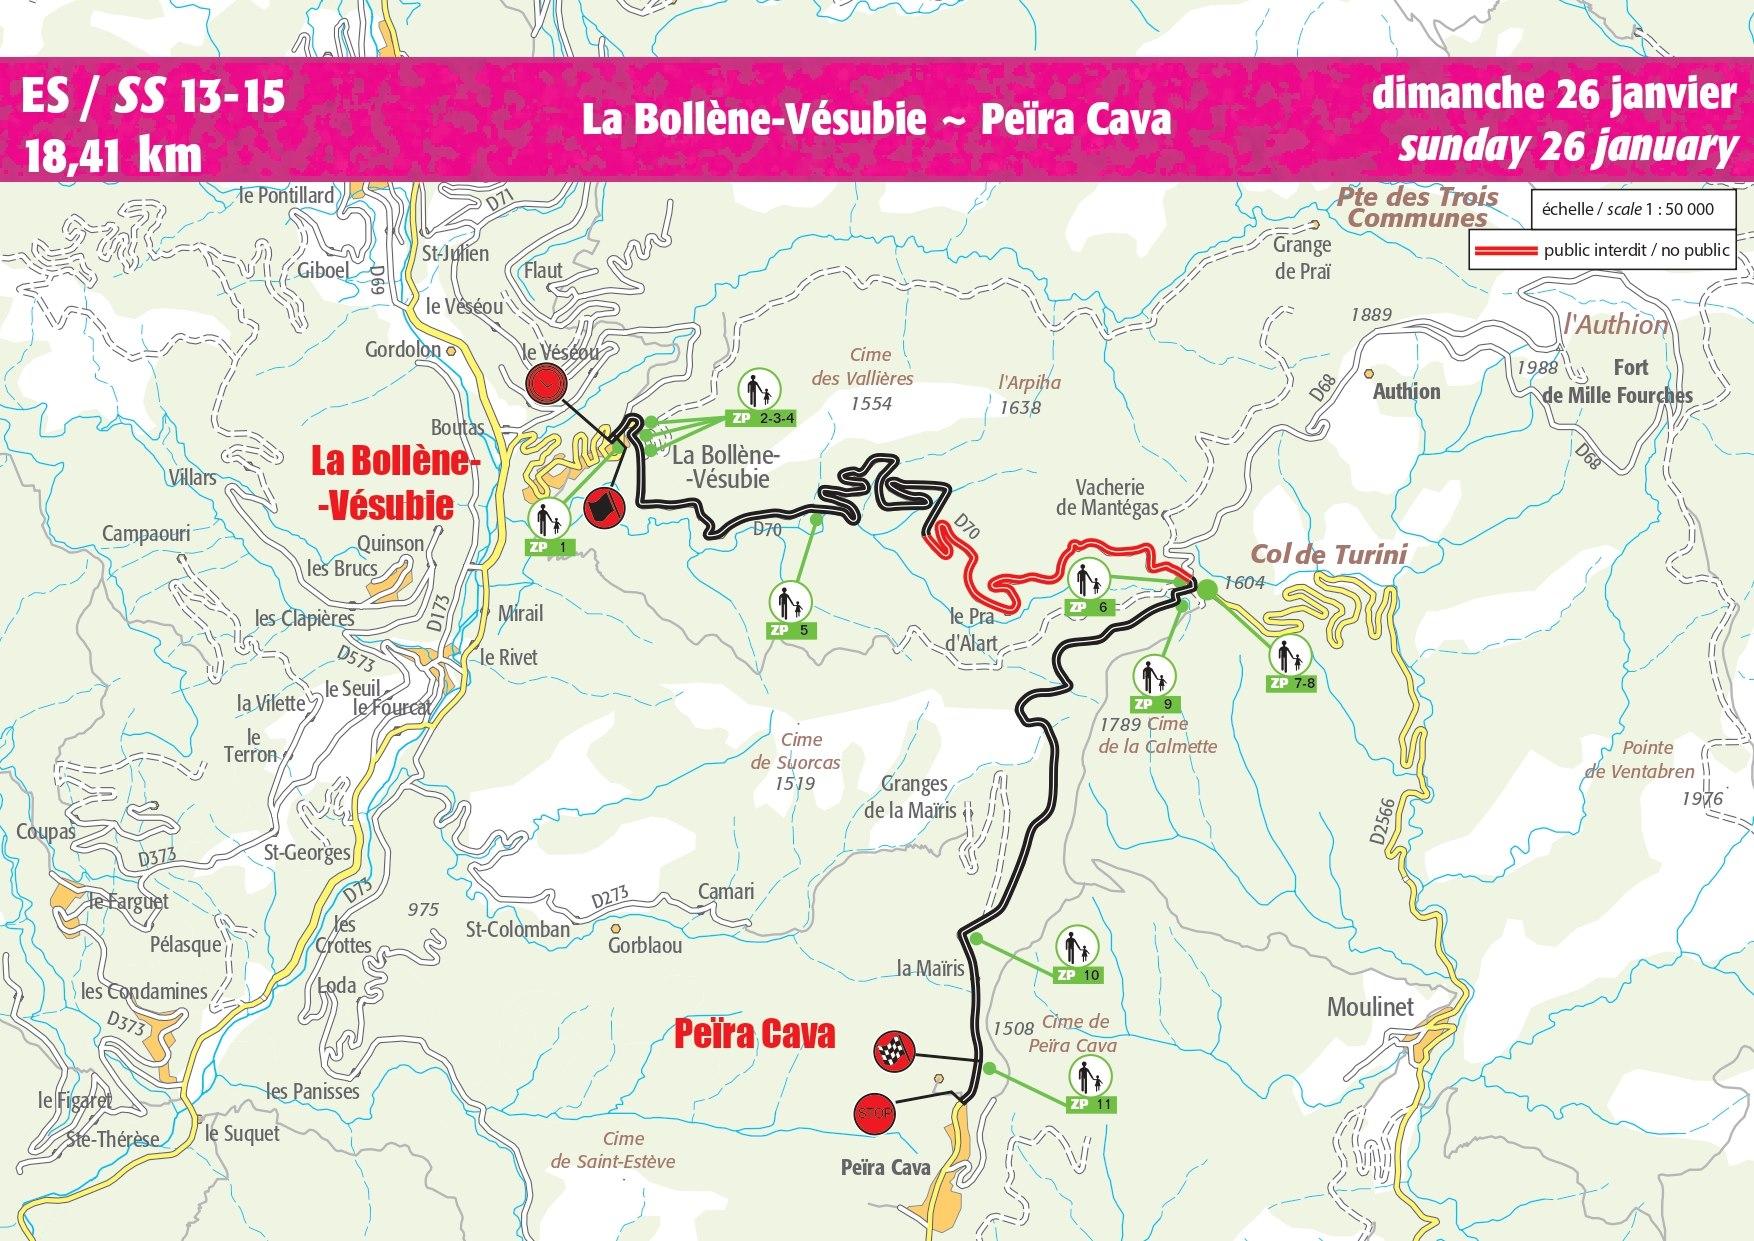 Carte ES 13-15 Rallye Monte-Carlo 2020